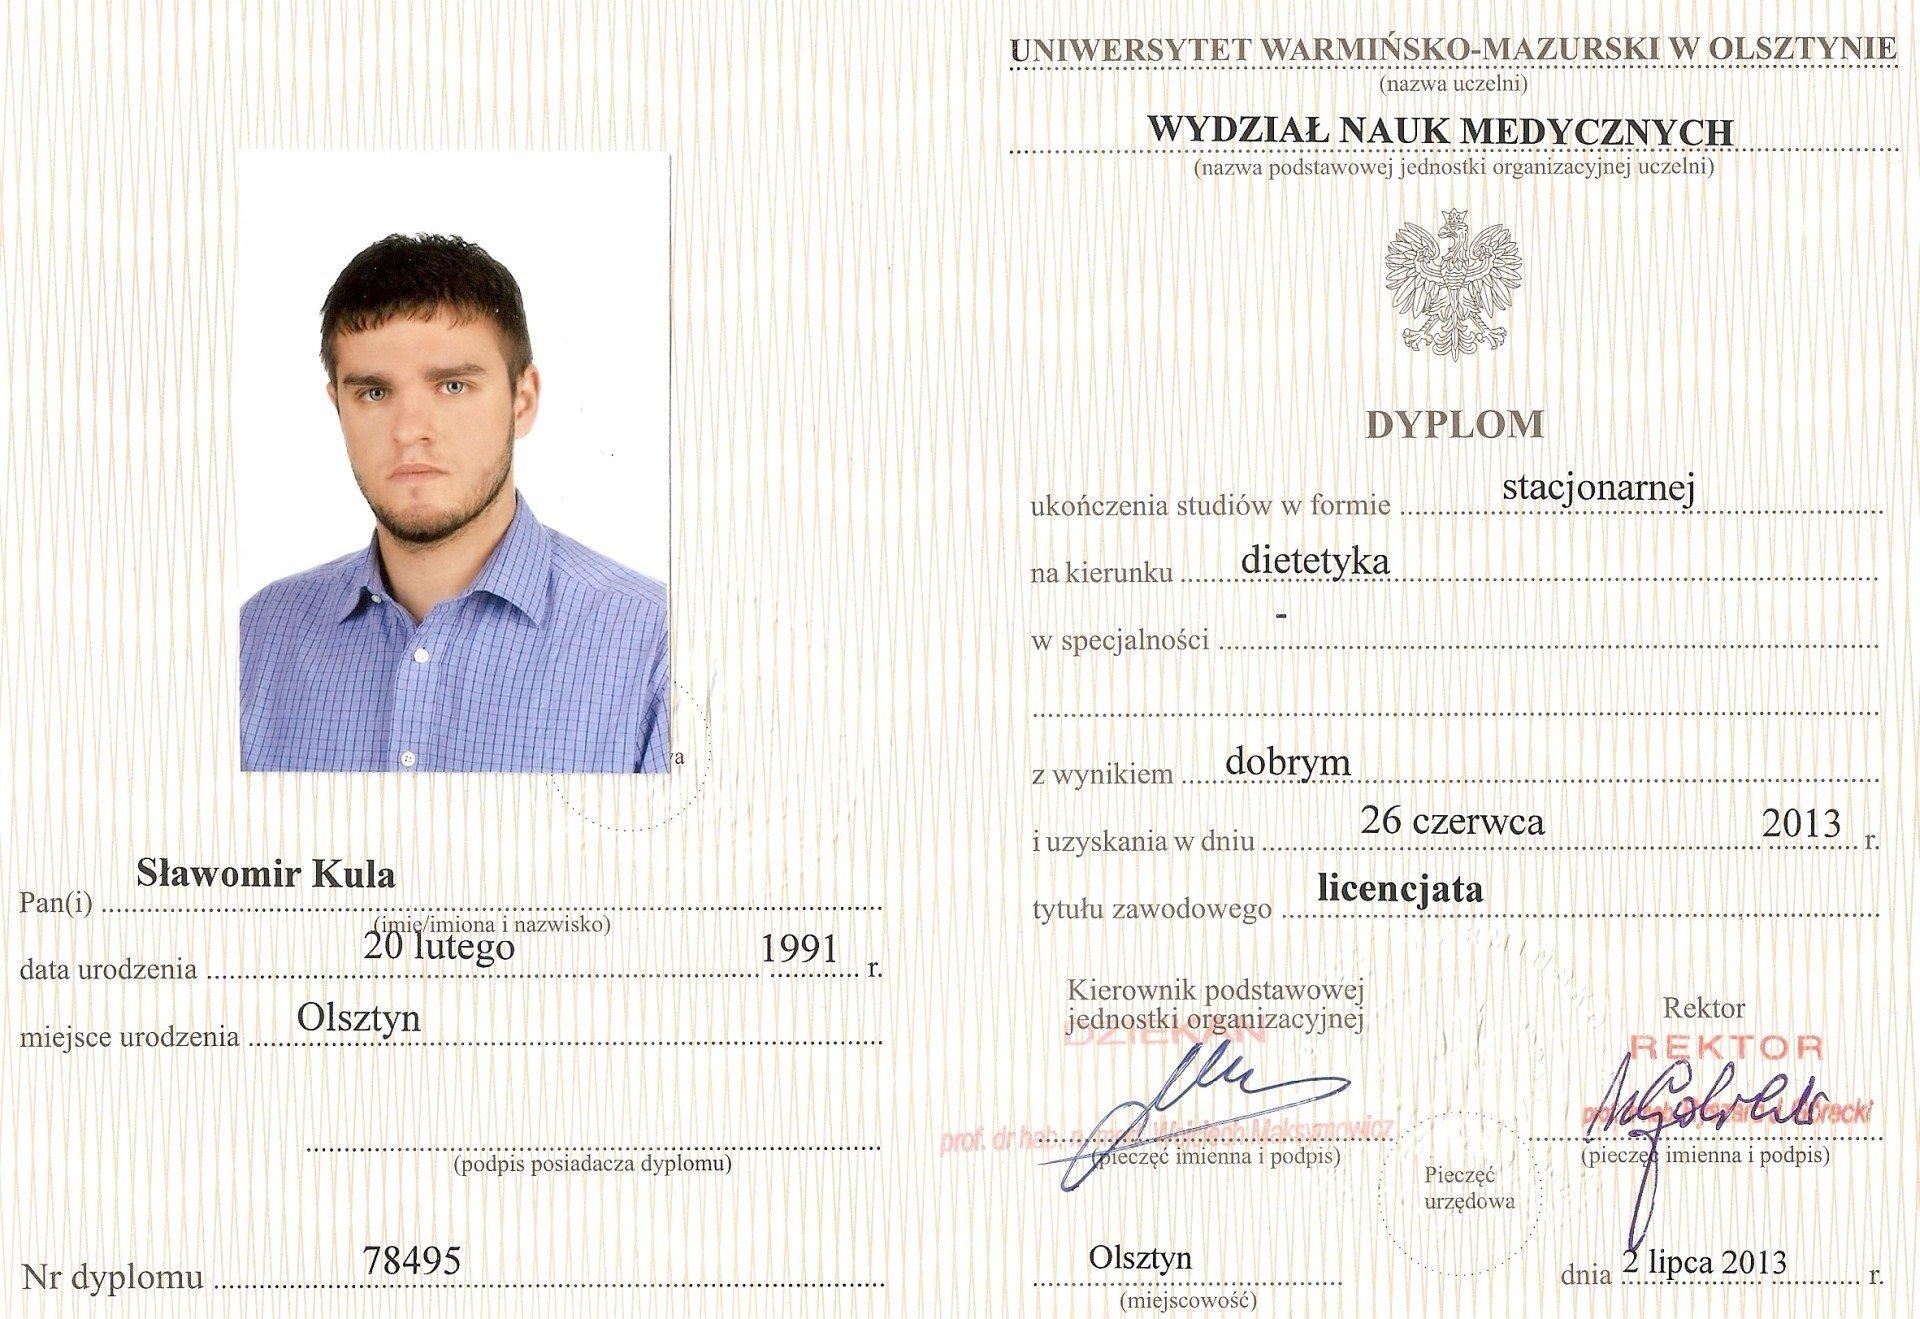 Sławomir Kula - Dietetyk Poznań - Dyplom Licencjata Dietetyki